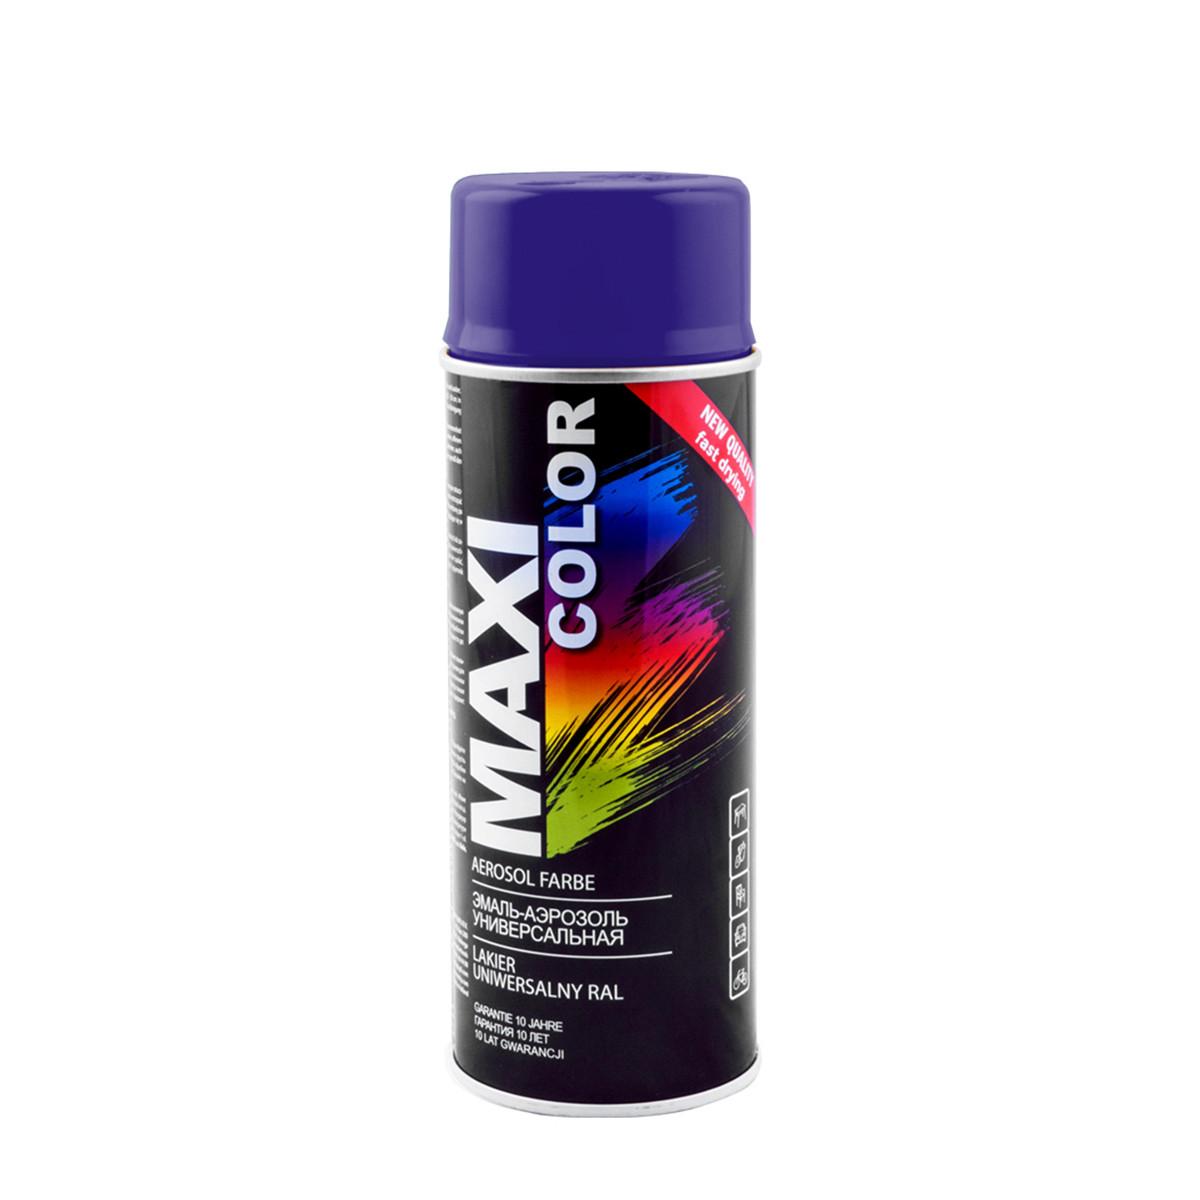 Эмаль аэрозольная универсальная декоративная Maxi Color Ral 5022 темно-синий 400 мл